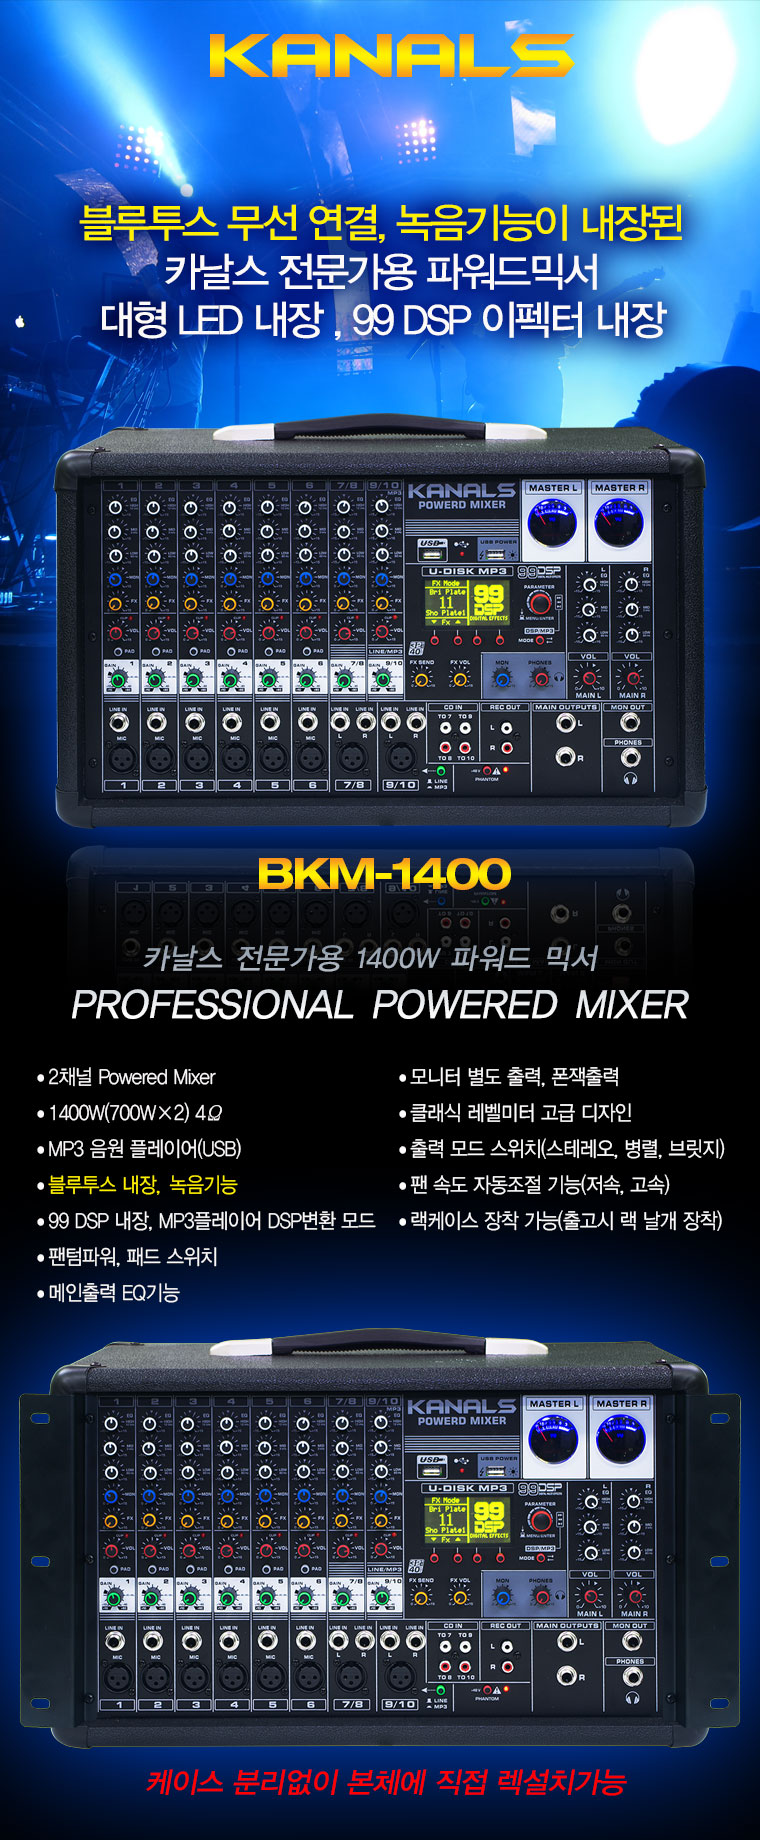 BKM-1400-sangse.jpg